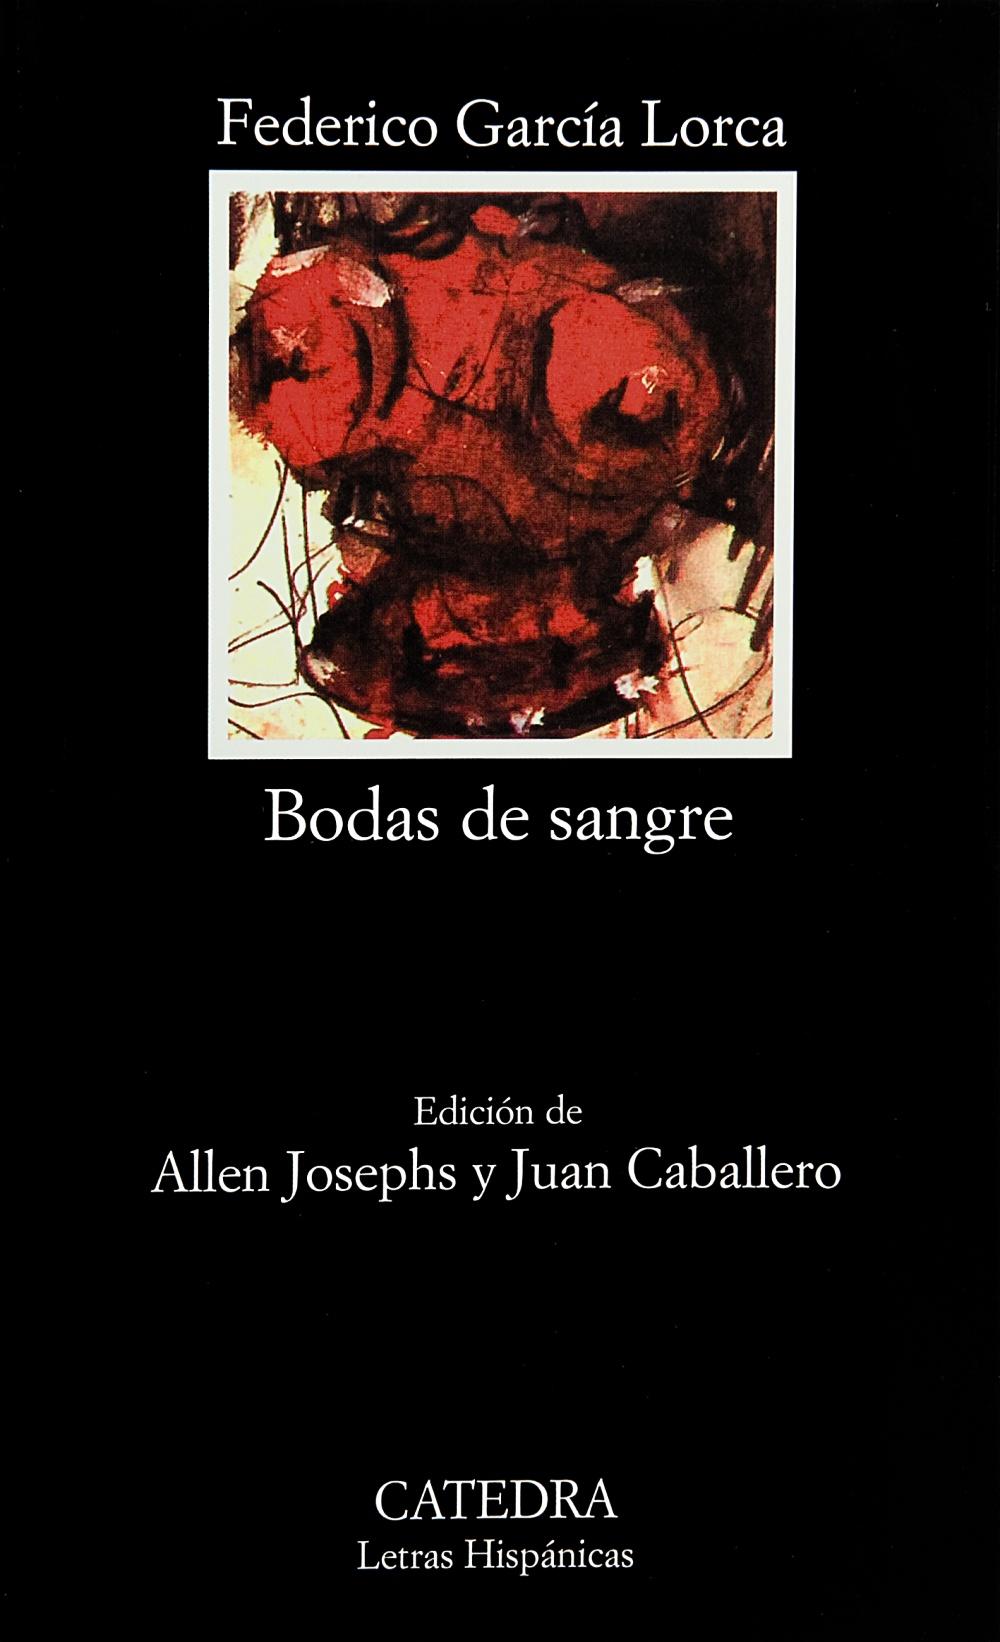 Bodas de sangre de Federico García Lorca. Del papel al celuloide